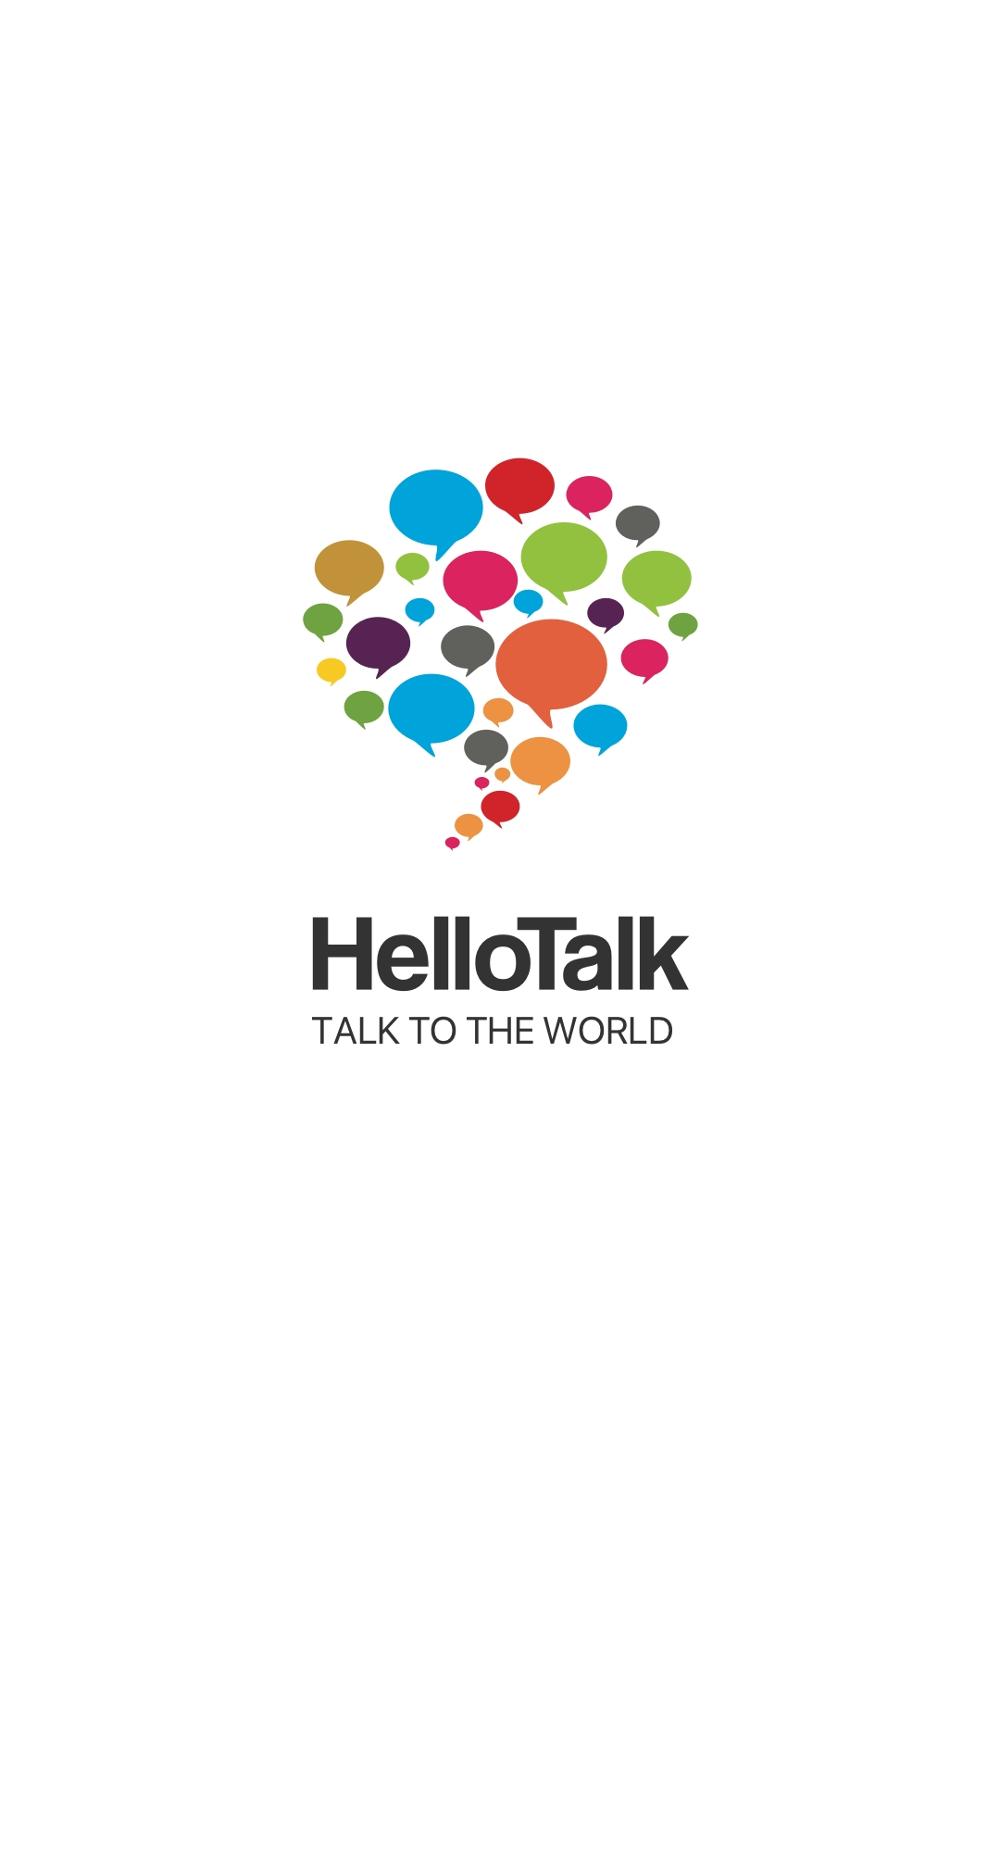 Aplikacja HelloTalk do nauki języków obcych.